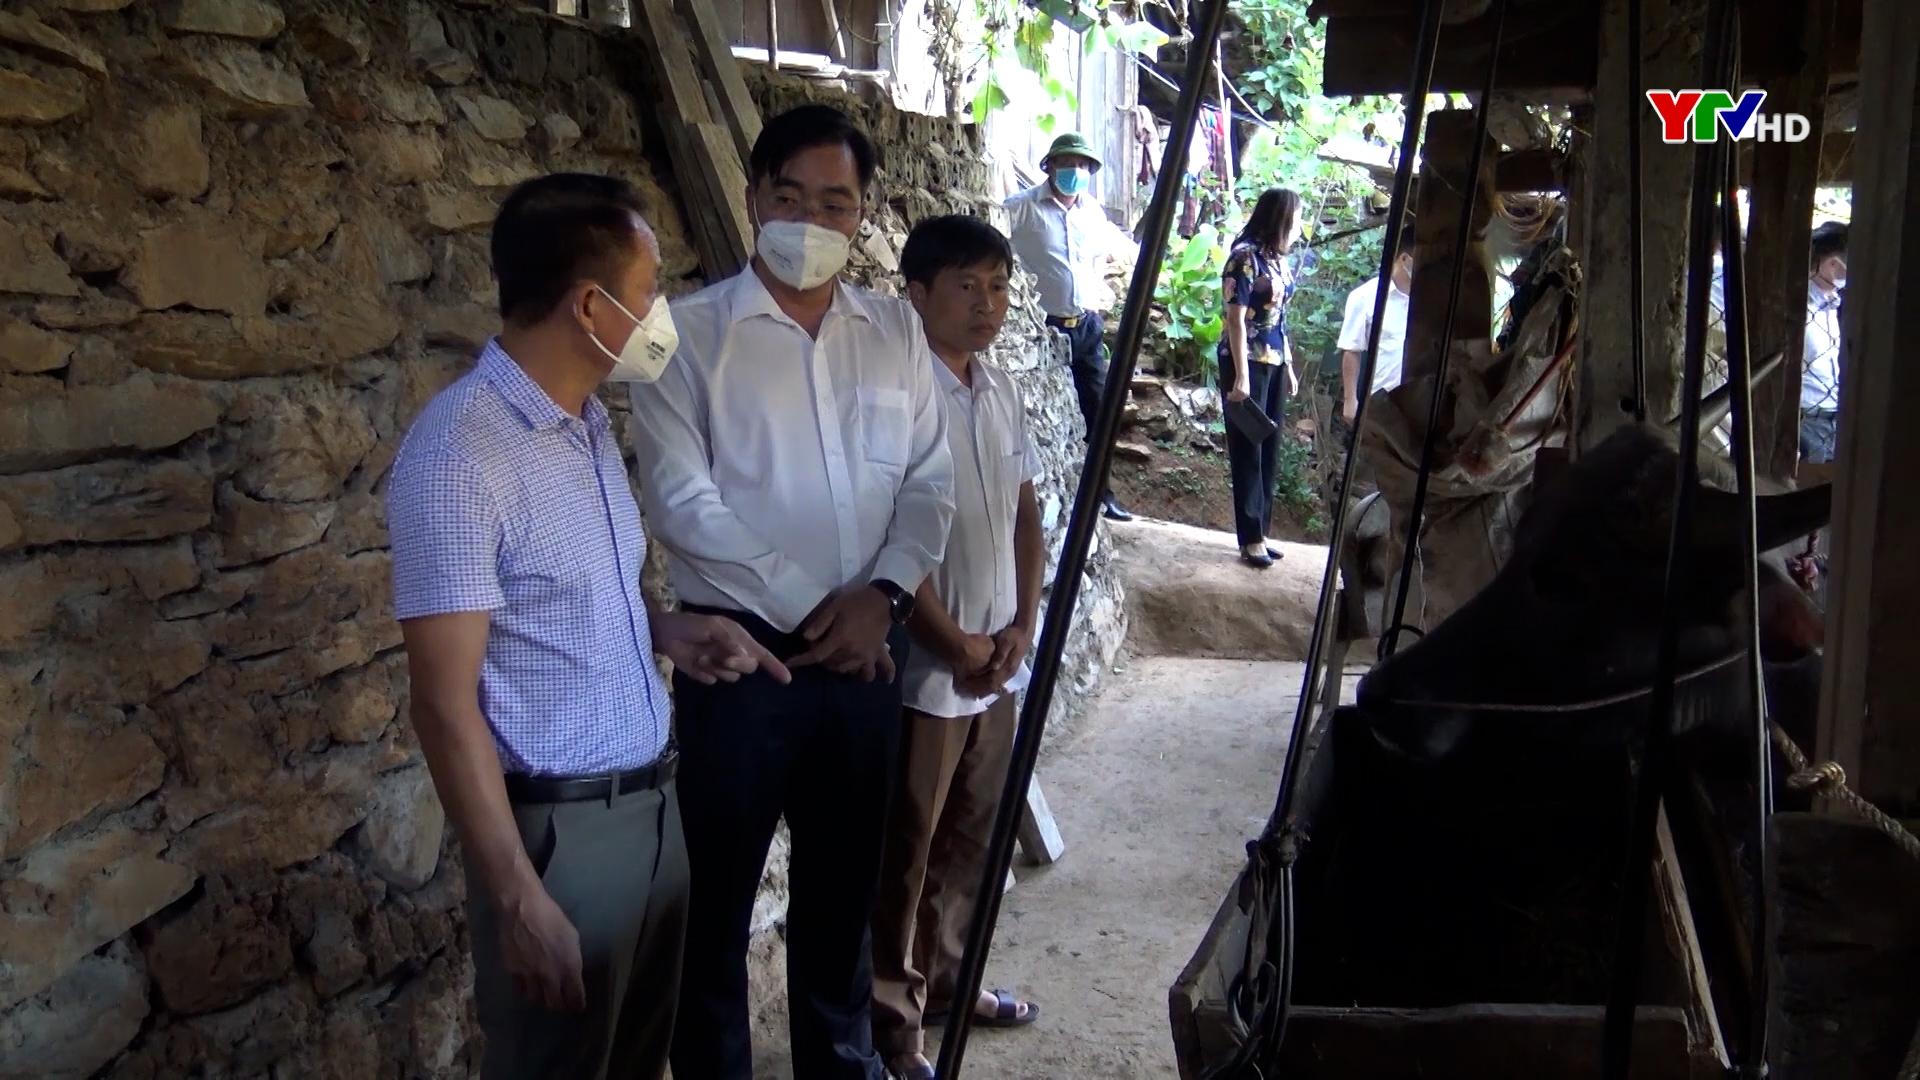 Đồng chí Phó Chủ tịch Thường trực HĐND tỉnh Vũ Quỳnh Khánh kiểm tra việc thực hiện Nghị quyết 69 tại Mù Cang Chải